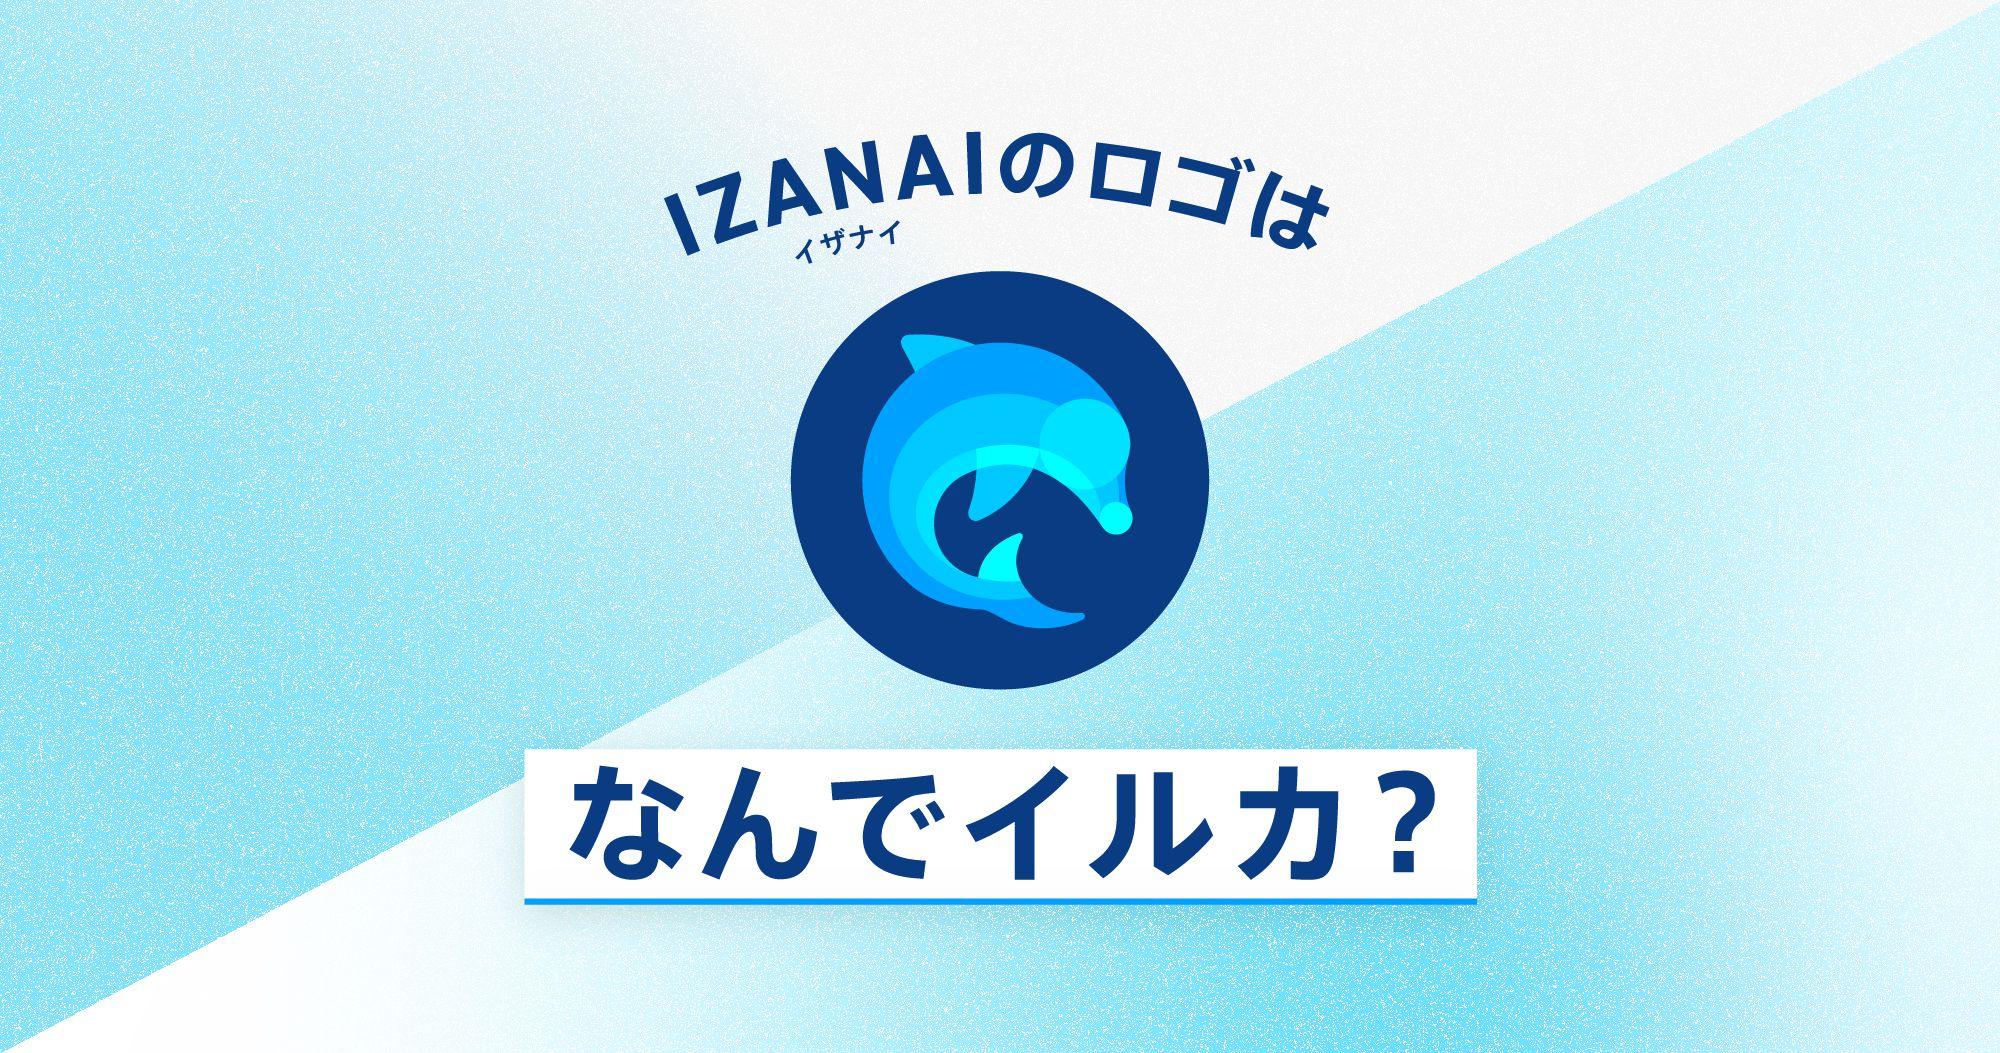 IZANAI(イザナイ)のロゴはなぜイルカなのか?由来のご紹介